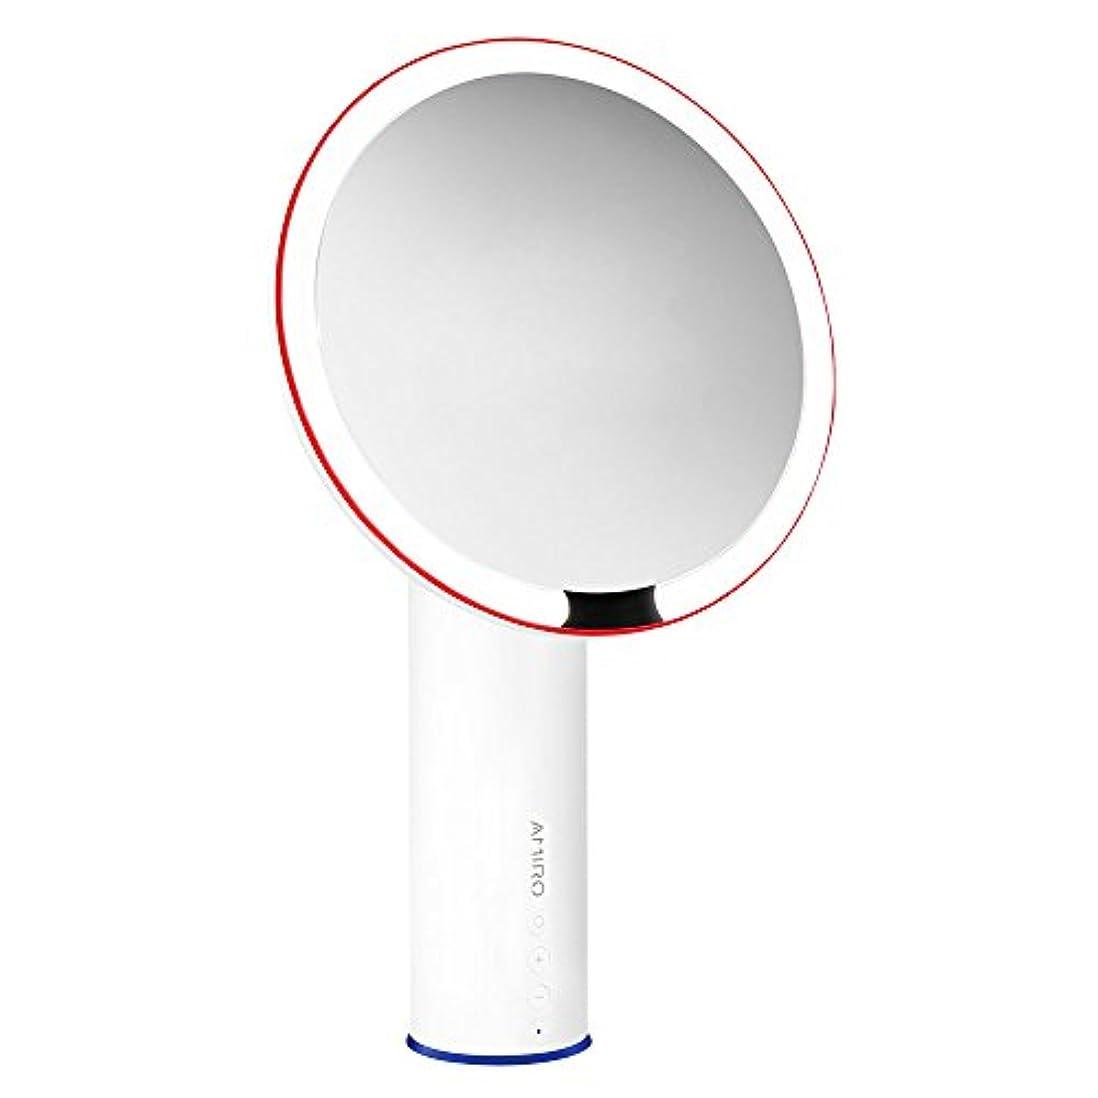 著者優しさ干渉AMIRO LED化粧鏡 人感センサー付き 化粧ミラー LEDライト付き 卓上鏡 女優ミラー 3段階明るさ調節可能